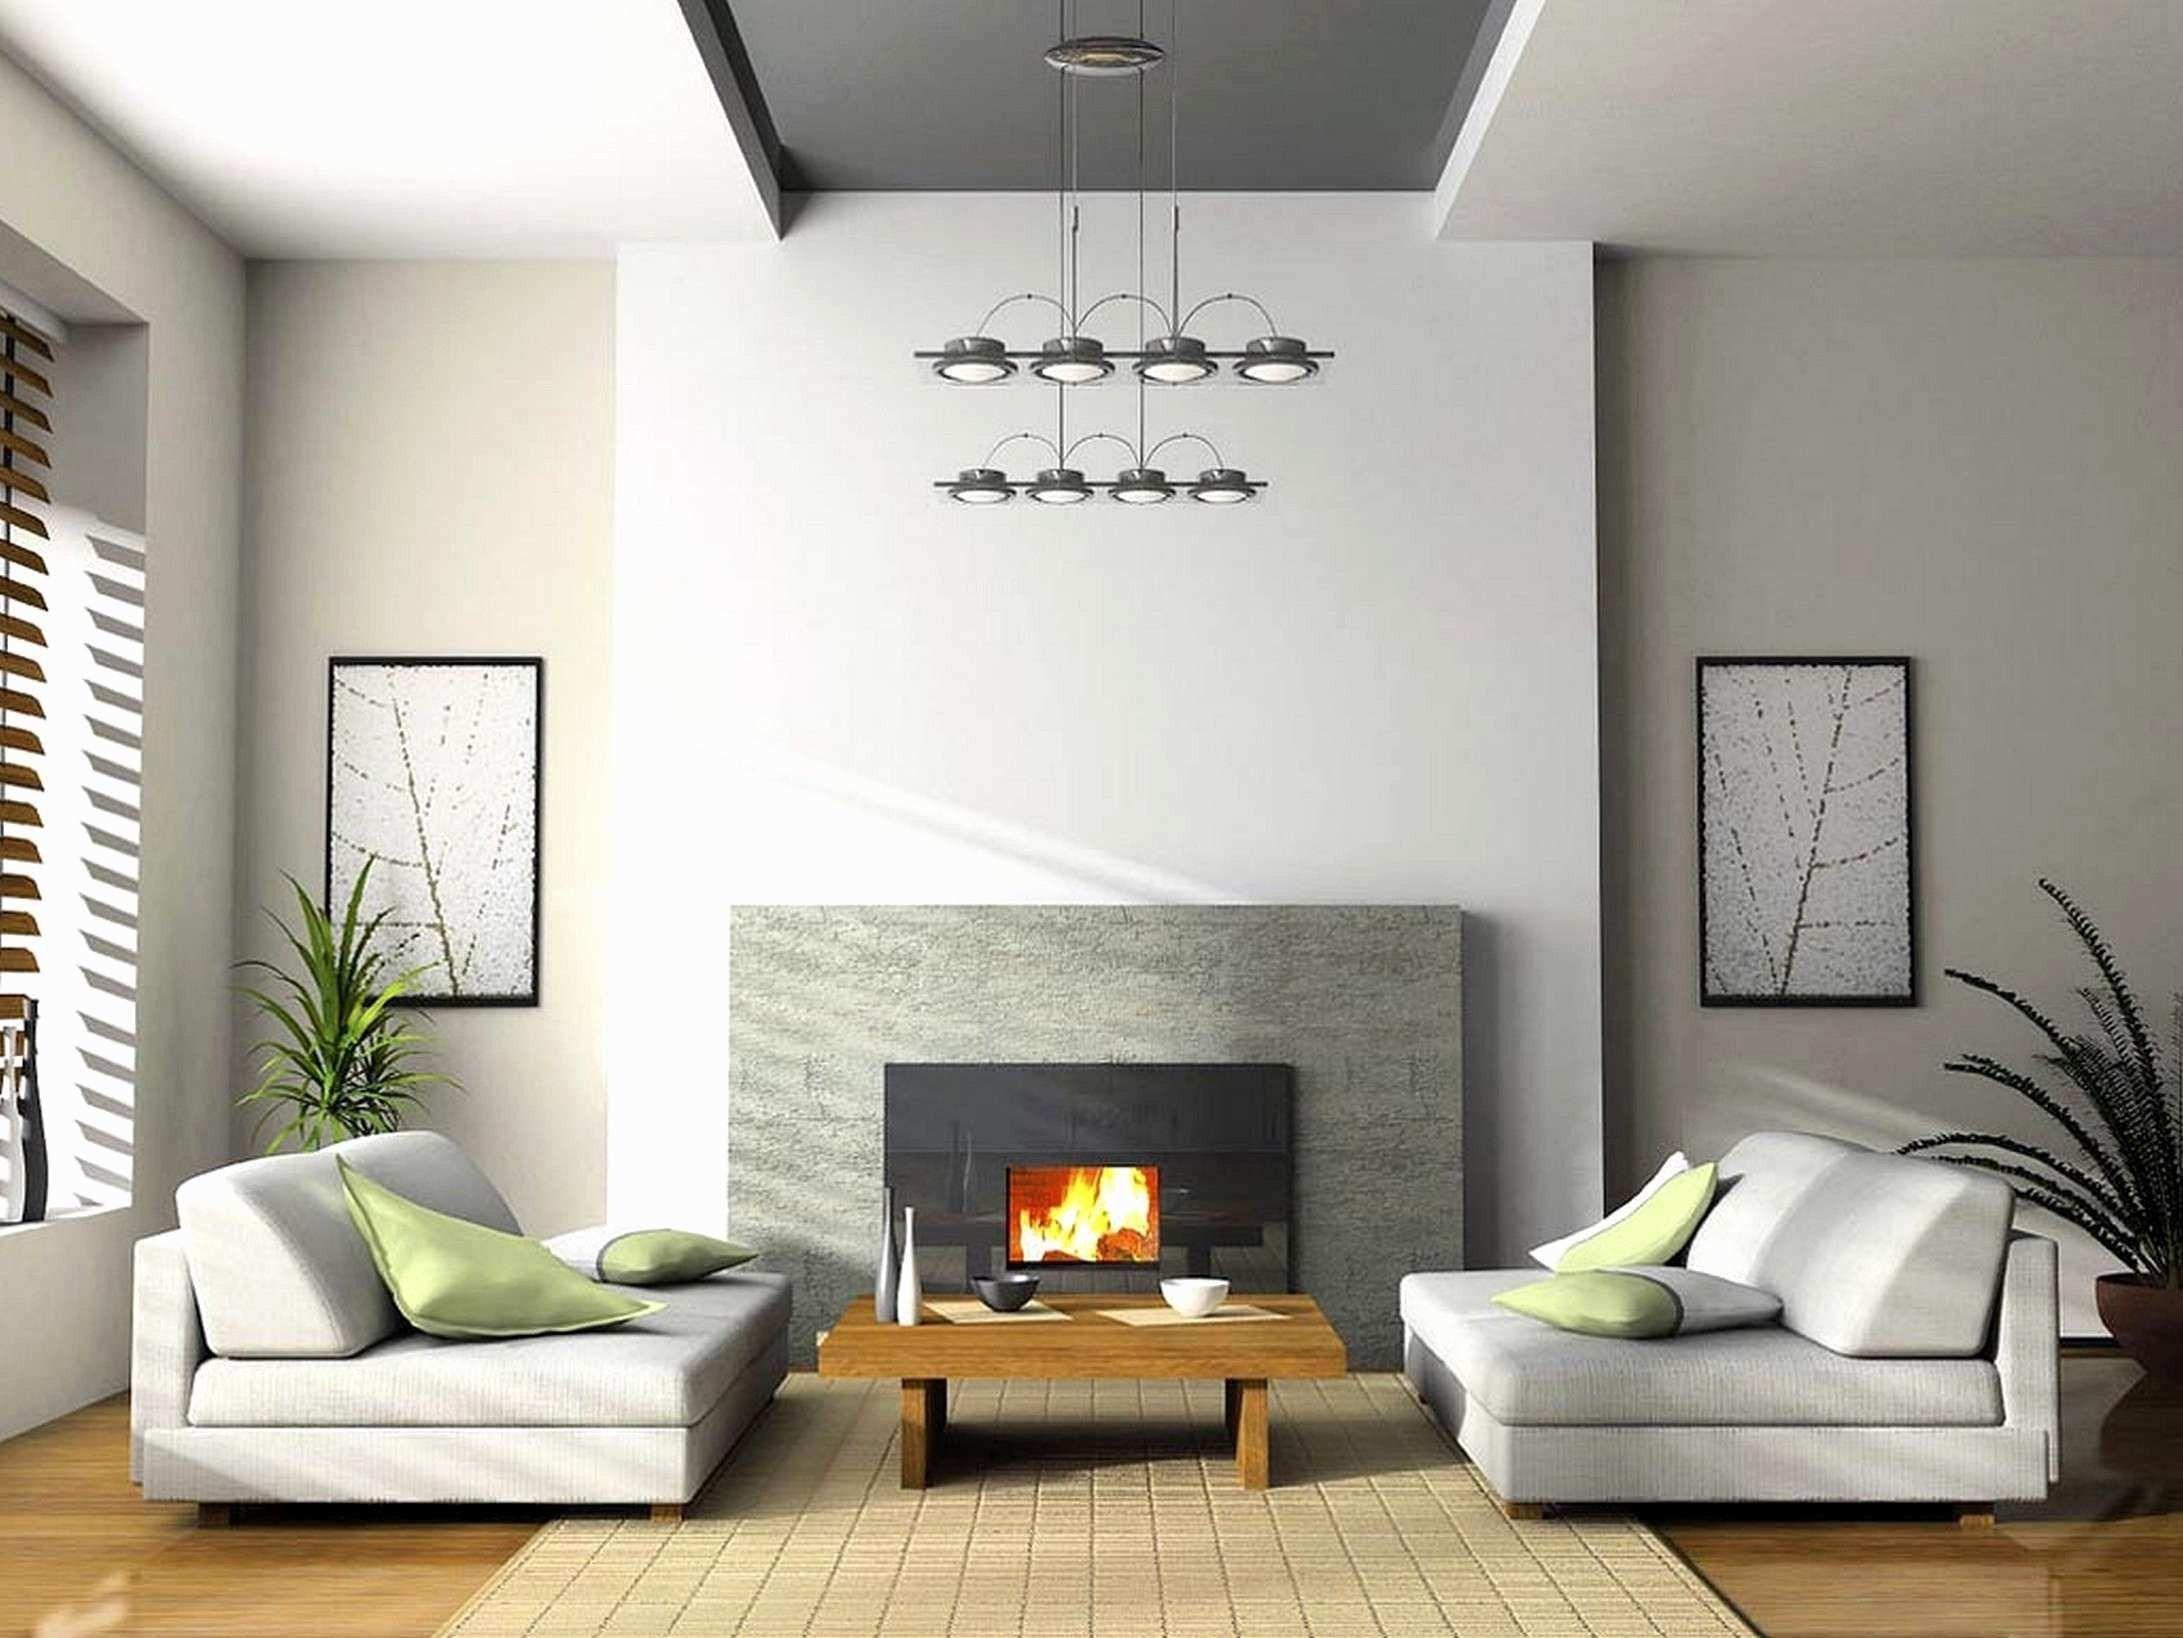 Long Wall Decorating Ideas Elegant Free Download Image Lovely Wall Decor For Living Rooms 650 Ruang Keluarga Minimalis Interior Ruang Tamu Ruang Tamu Putih Download fireplace living room